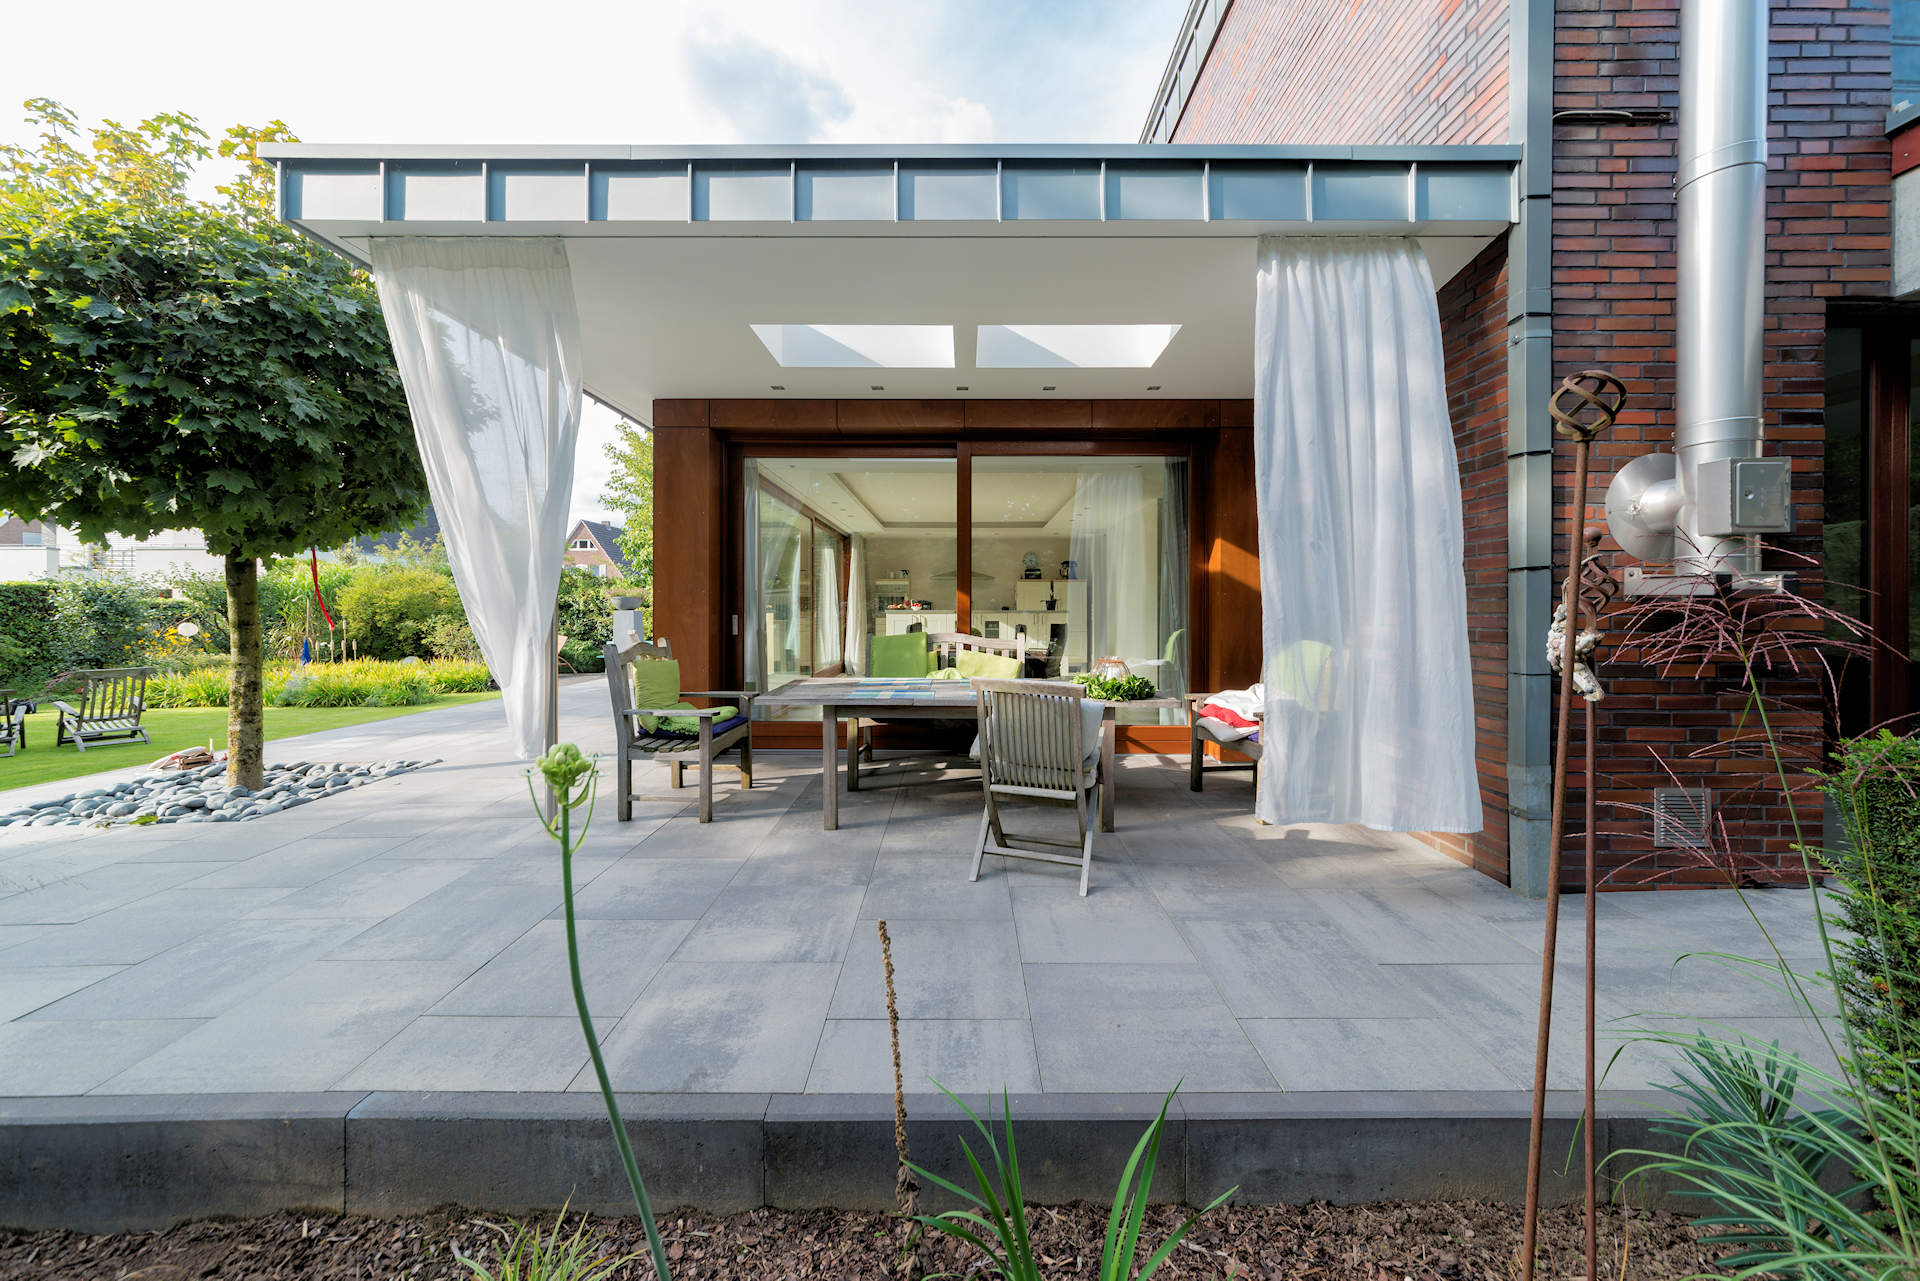 Wohnraumerweiterung mit Terrassenüberdachung